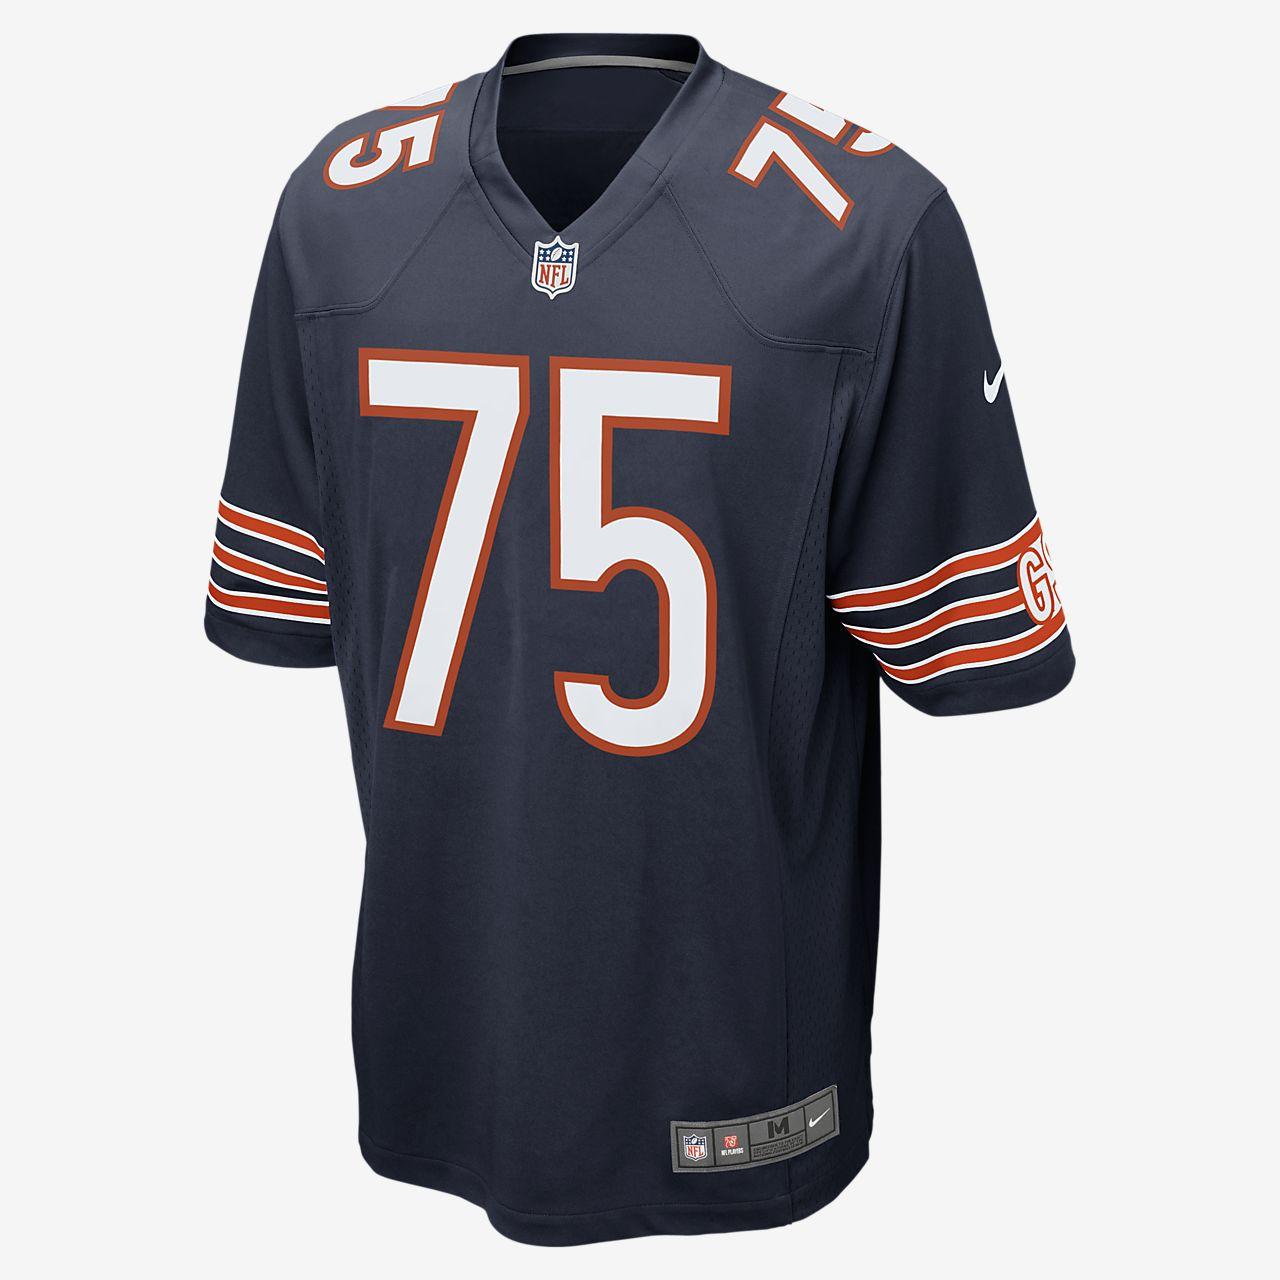 b5f1de4077 ... Camisola de jogo de futebol americano NFL Chicago Bears (Kyle Long)  para homem